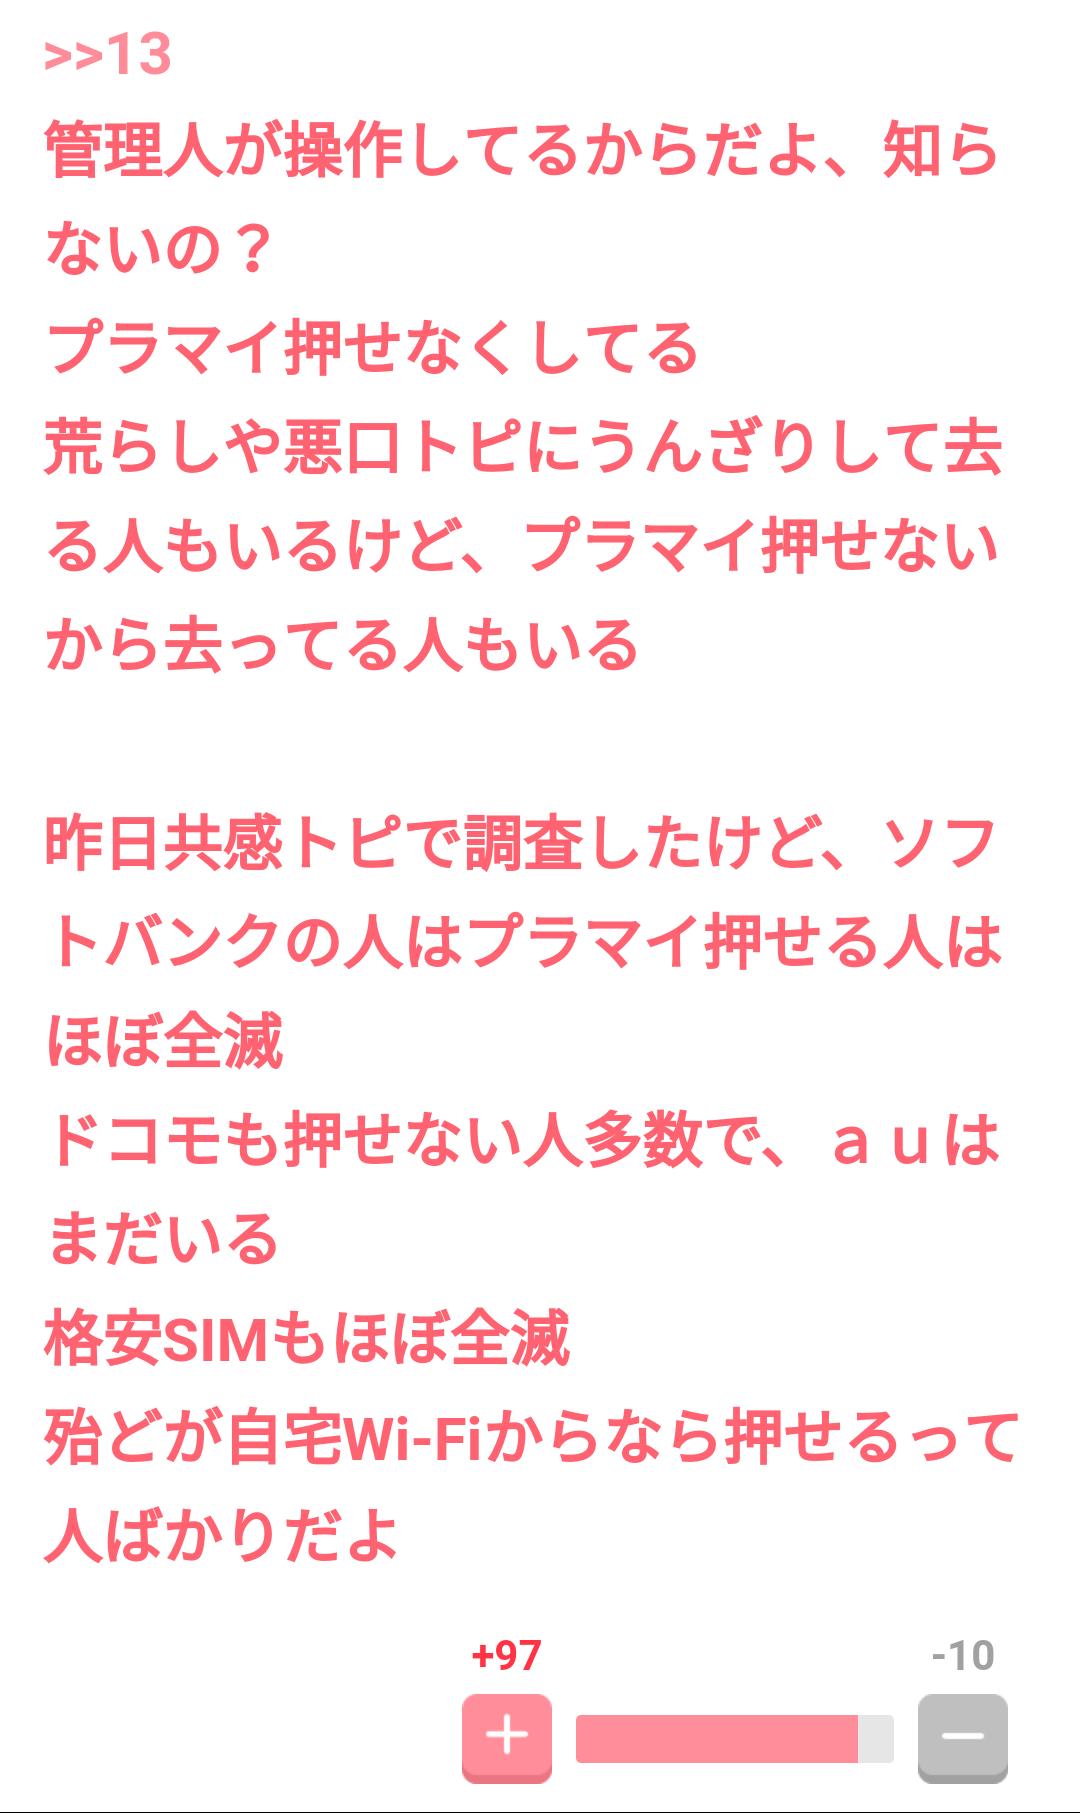 YOSHIKI、ポール・マッカートニーとの2ショット公開「レジェンド揃った」「夢みたい」興奮の声続々